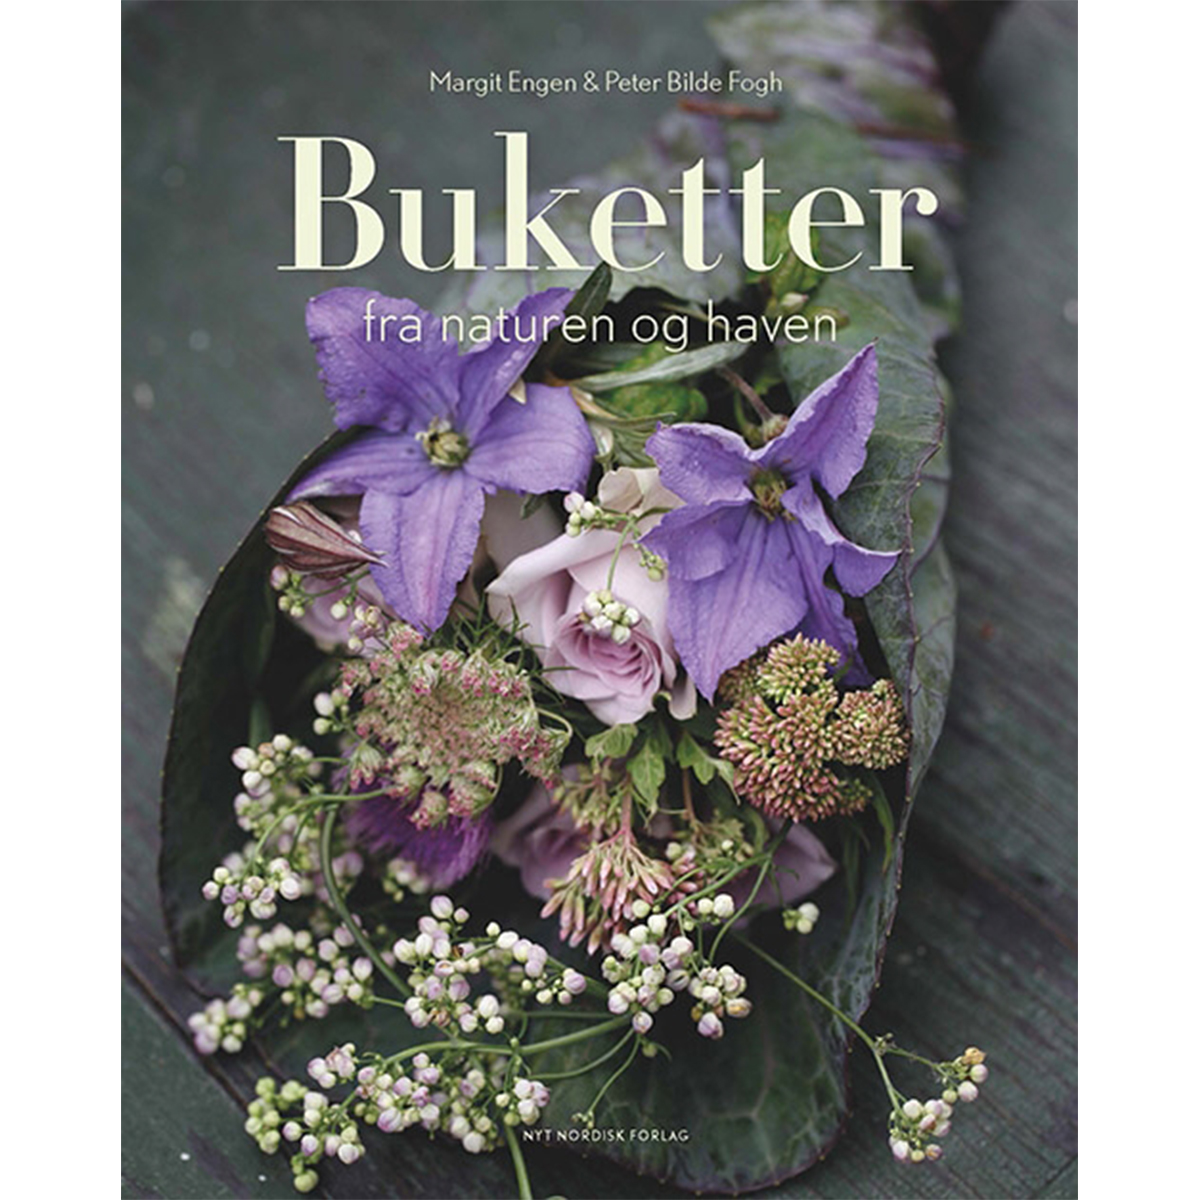 Billede af Buketter fra naturen og haven - Indbundet